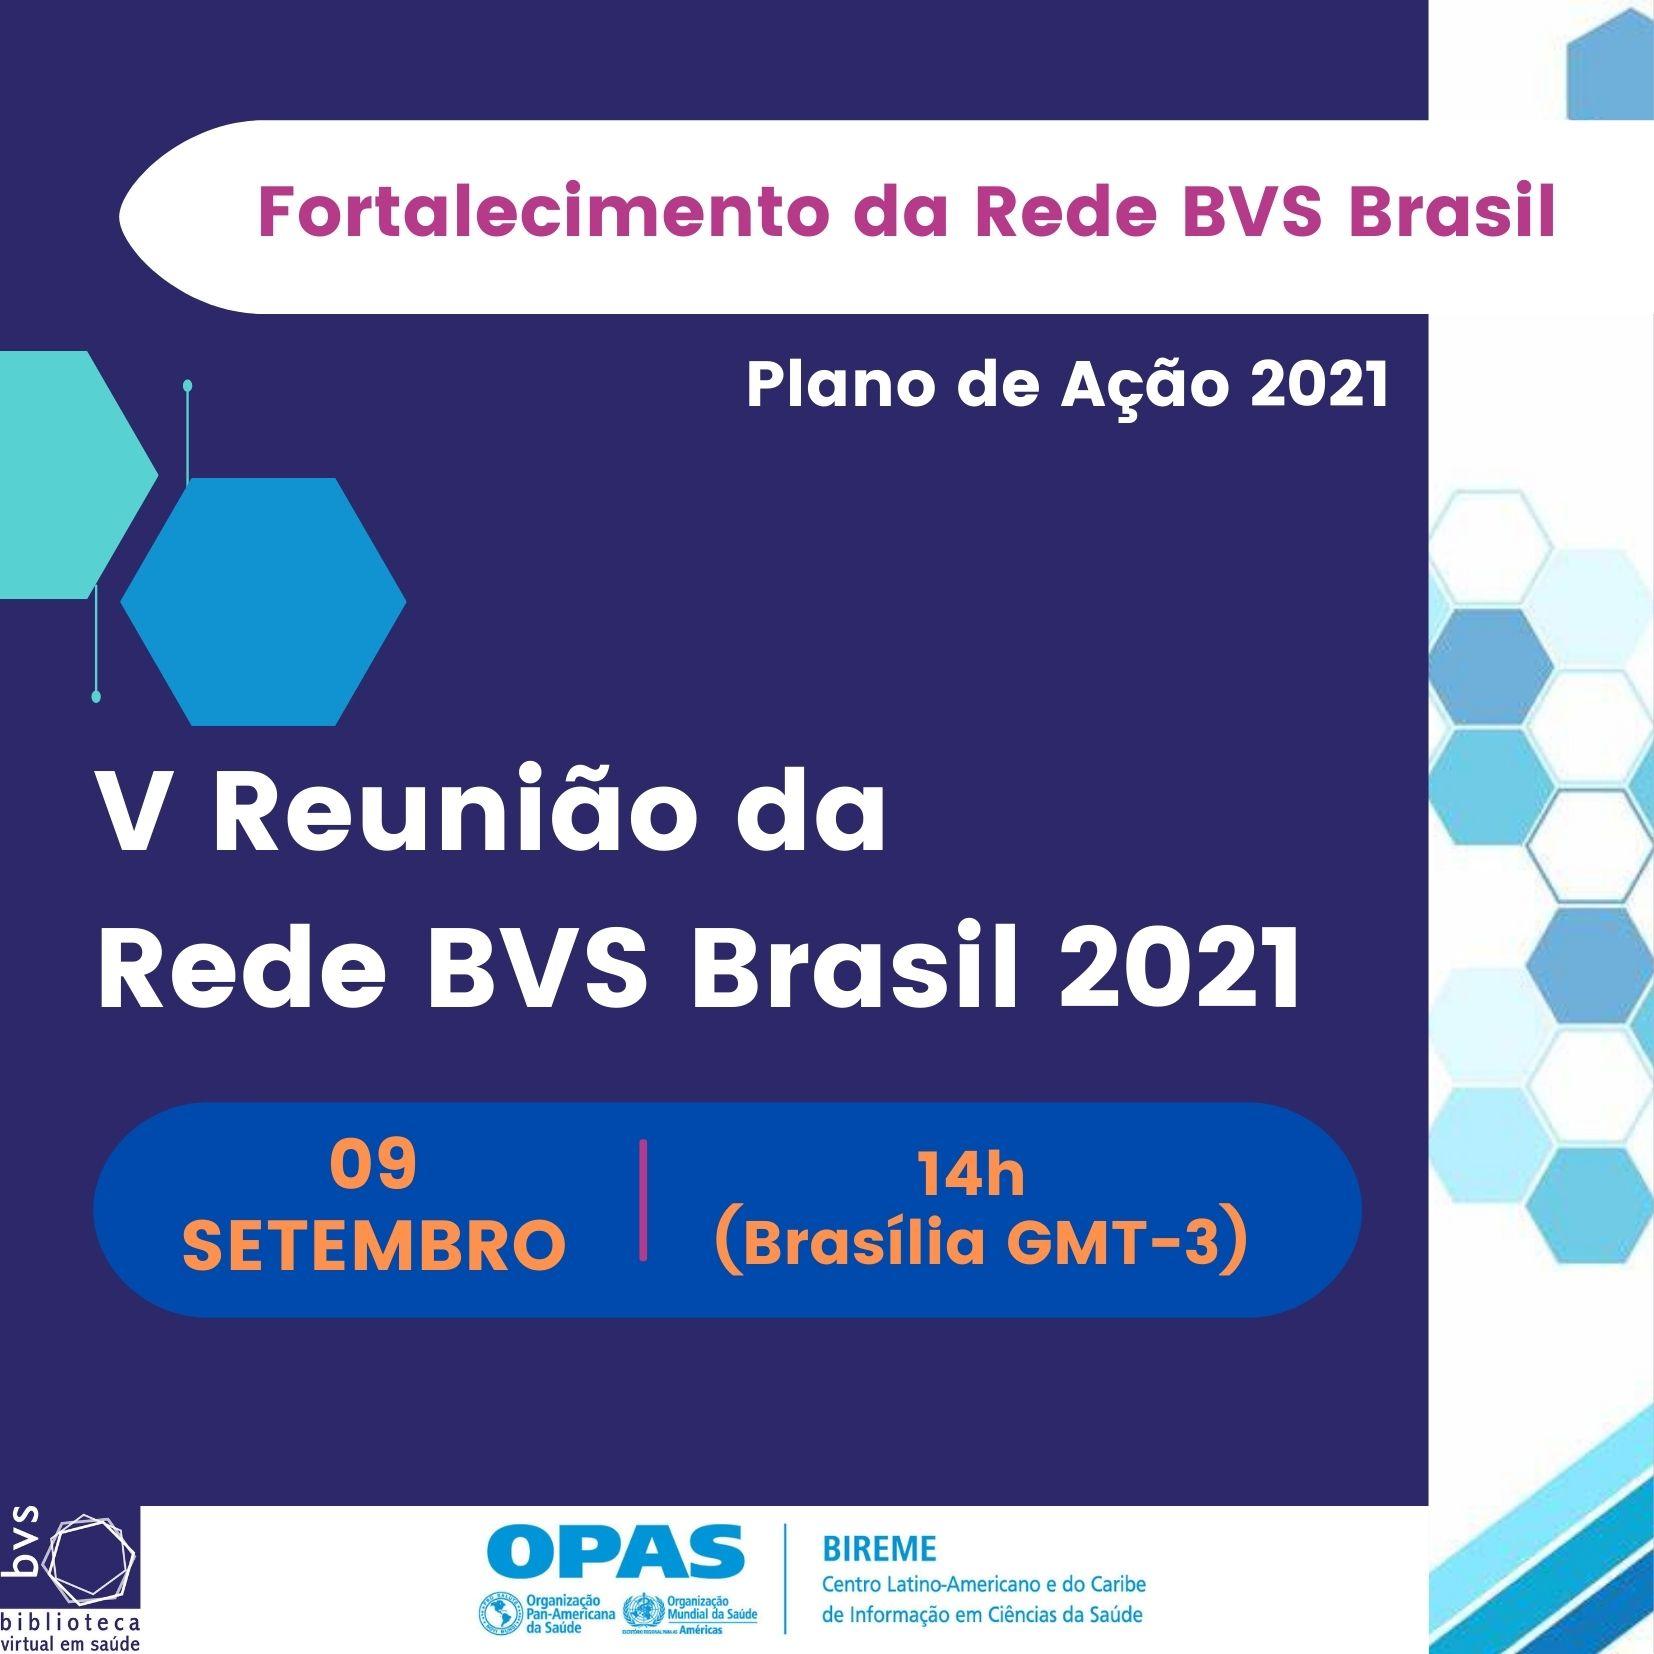 Destaque-V-reuniao-Plano-acao-2021-Rede-BVS-Brasil